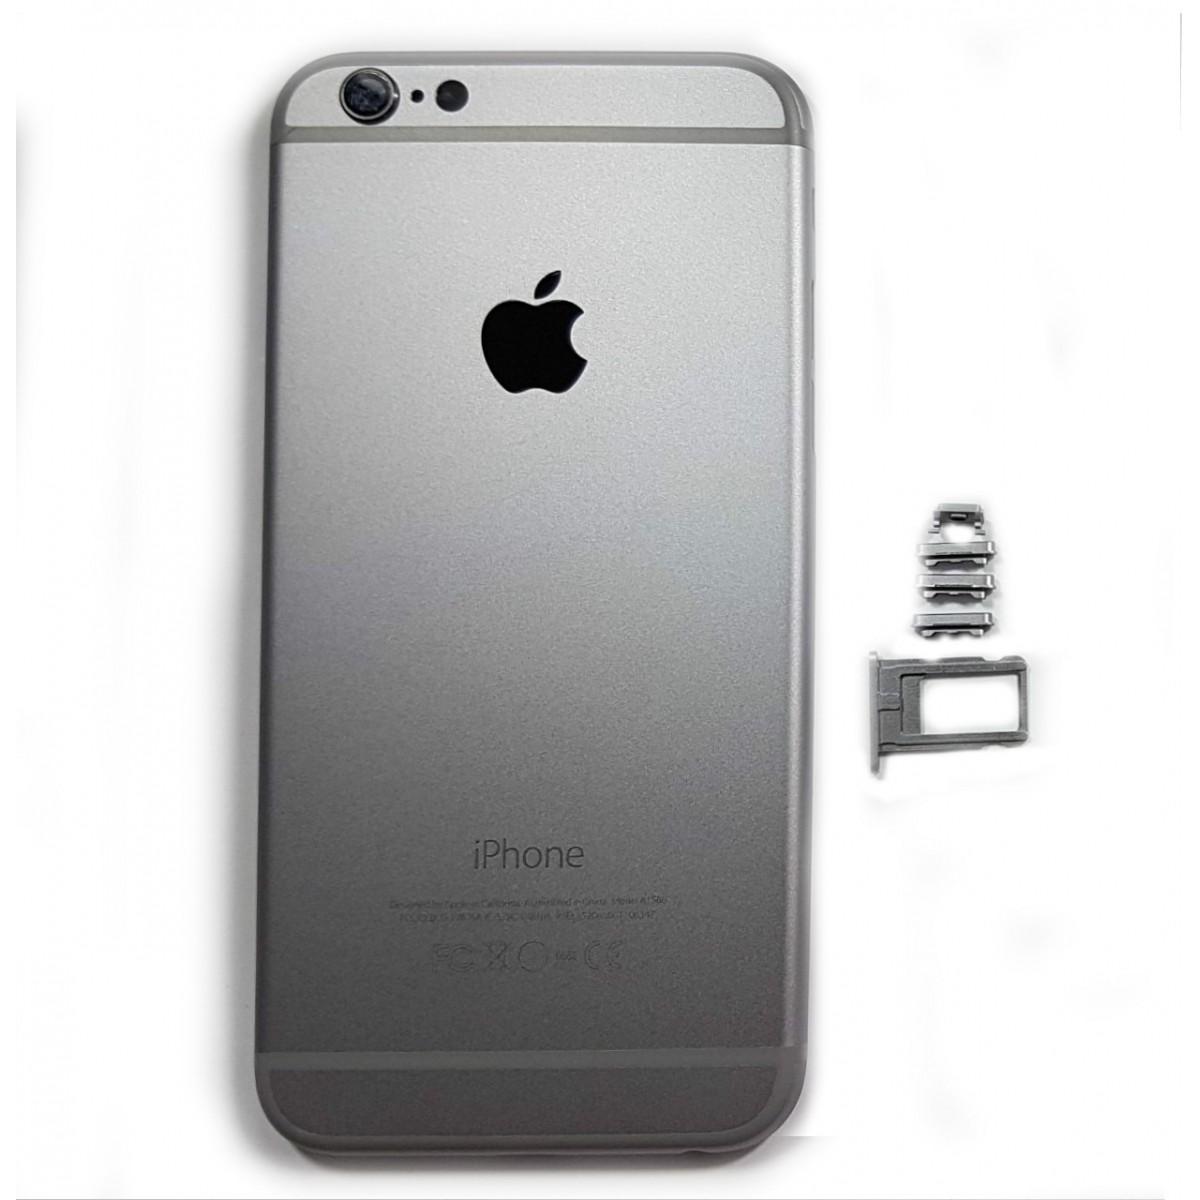 Carcaça Iphone 6G 4.7 Preto Nao Acompanha Componentes